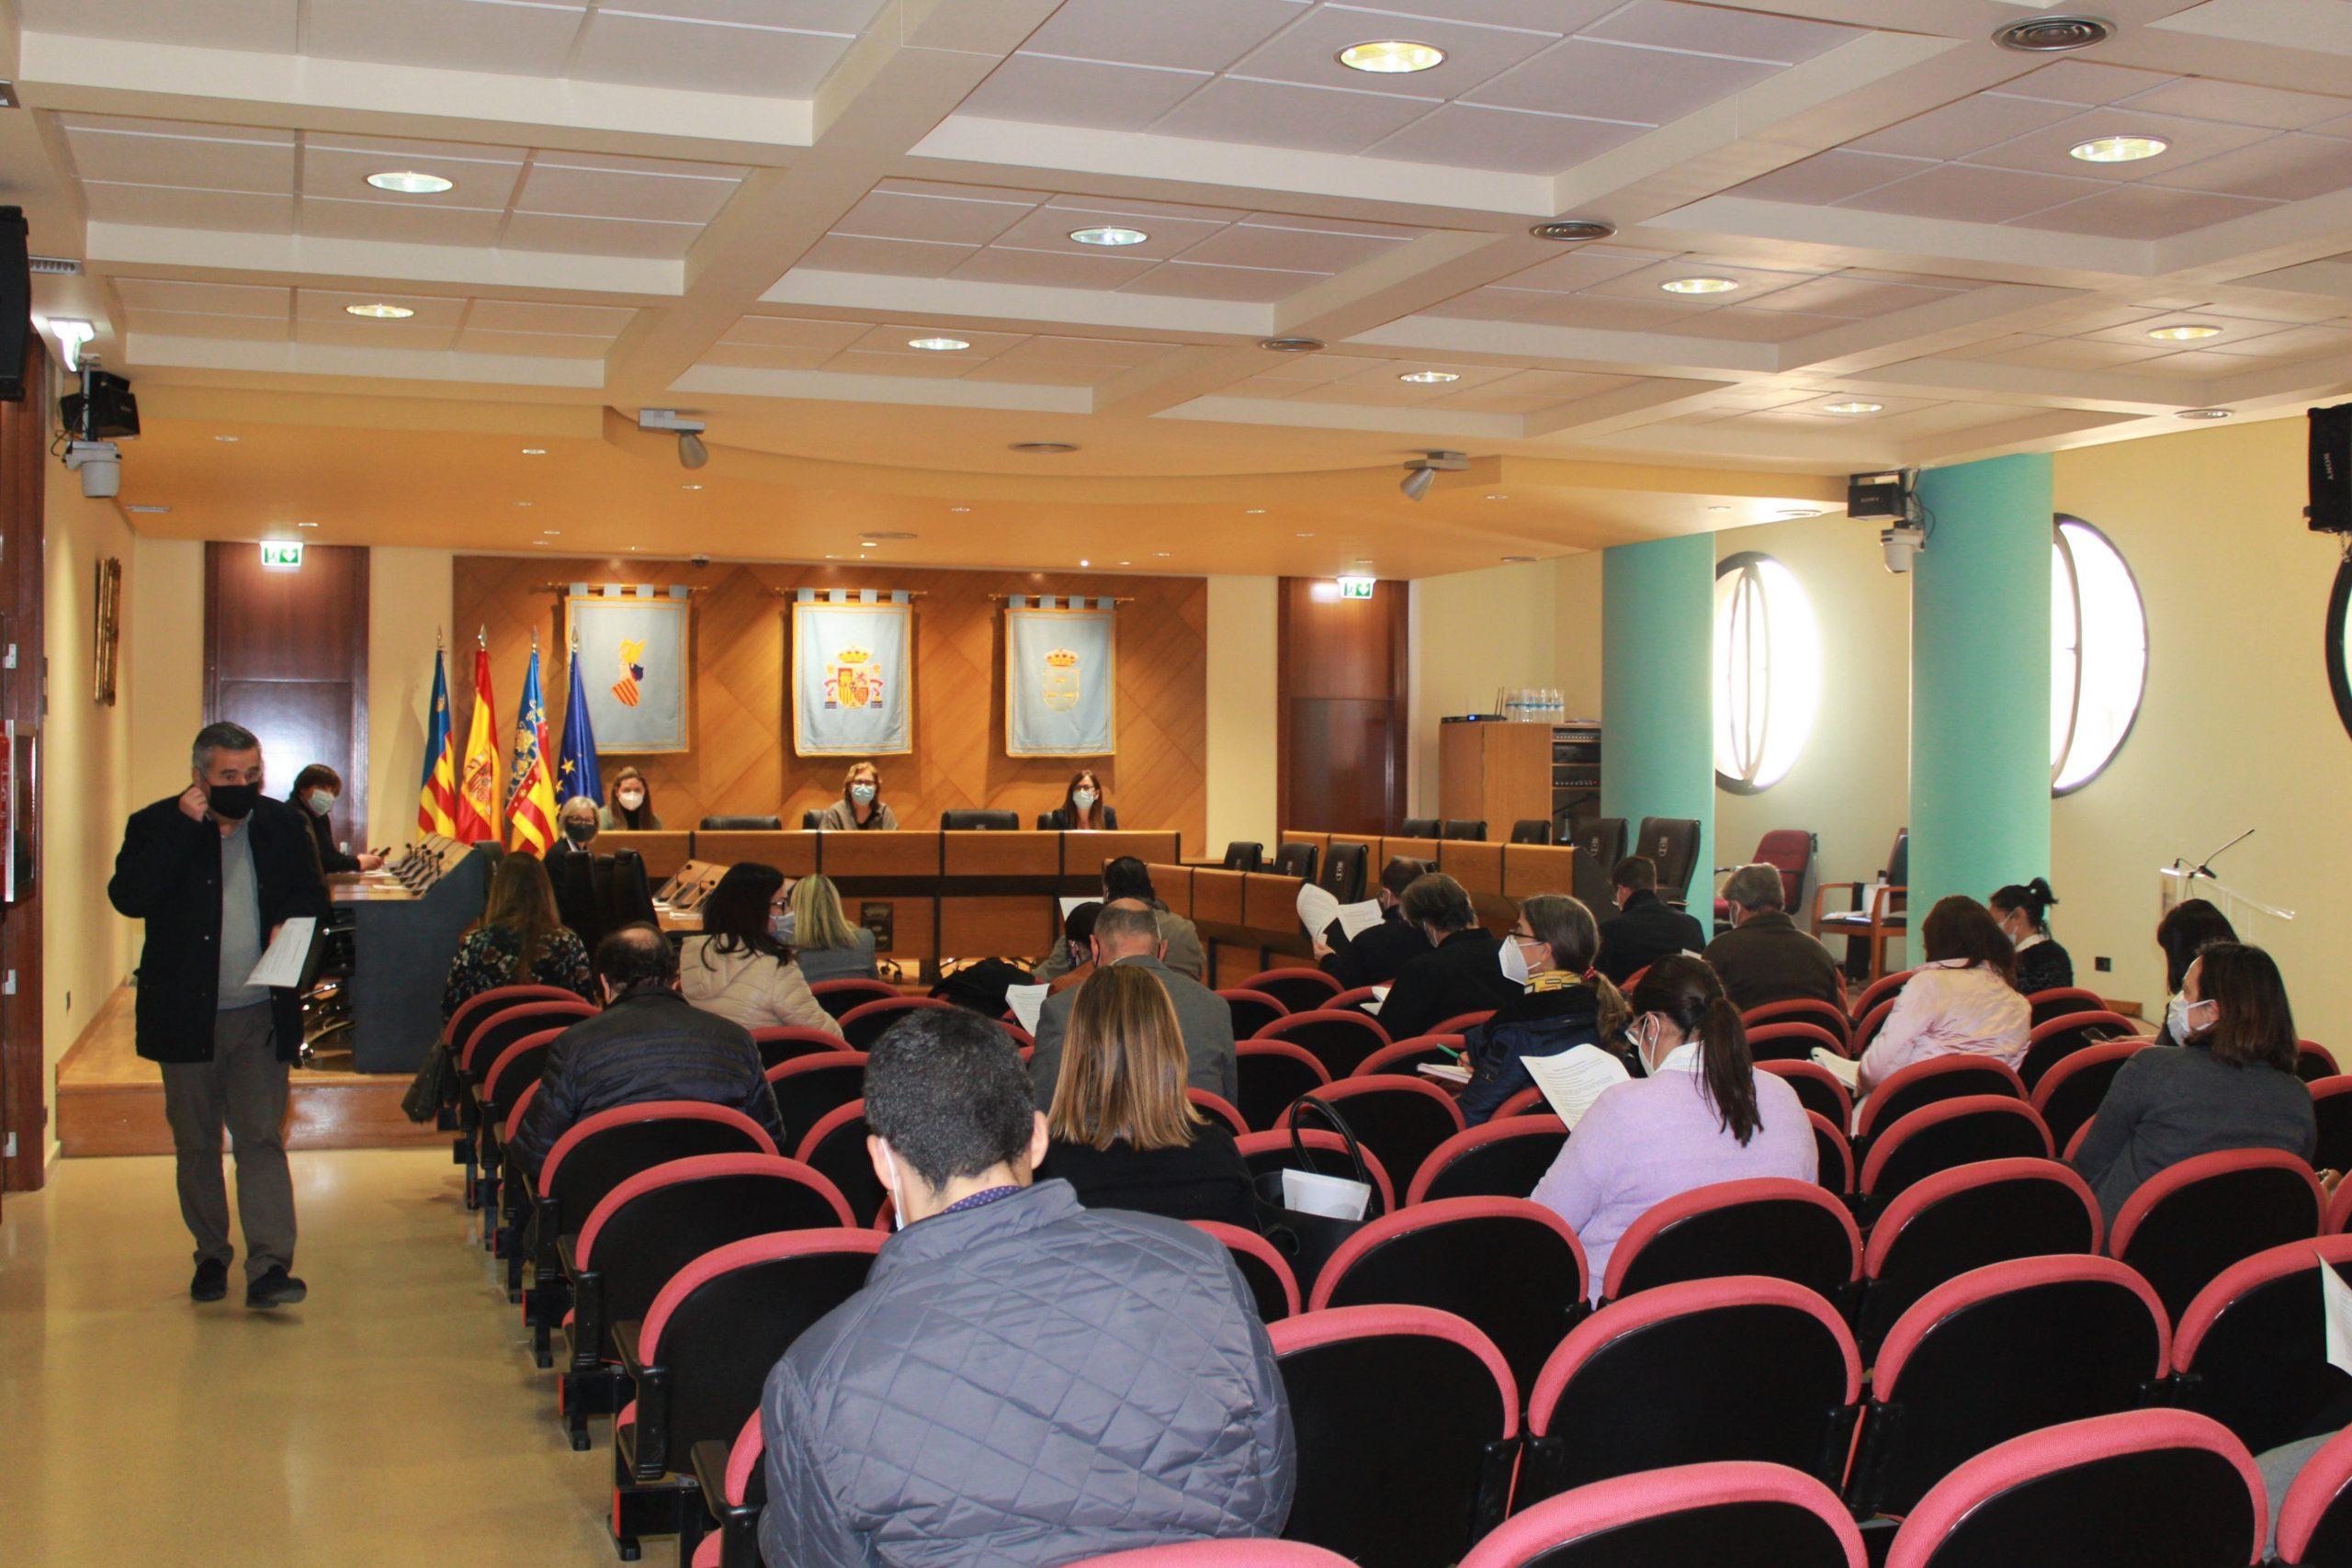 Autónomos y microempresas de Burriana podrán  solicitar la próxima semana las ayudas Paréntesis del Plan Resistir